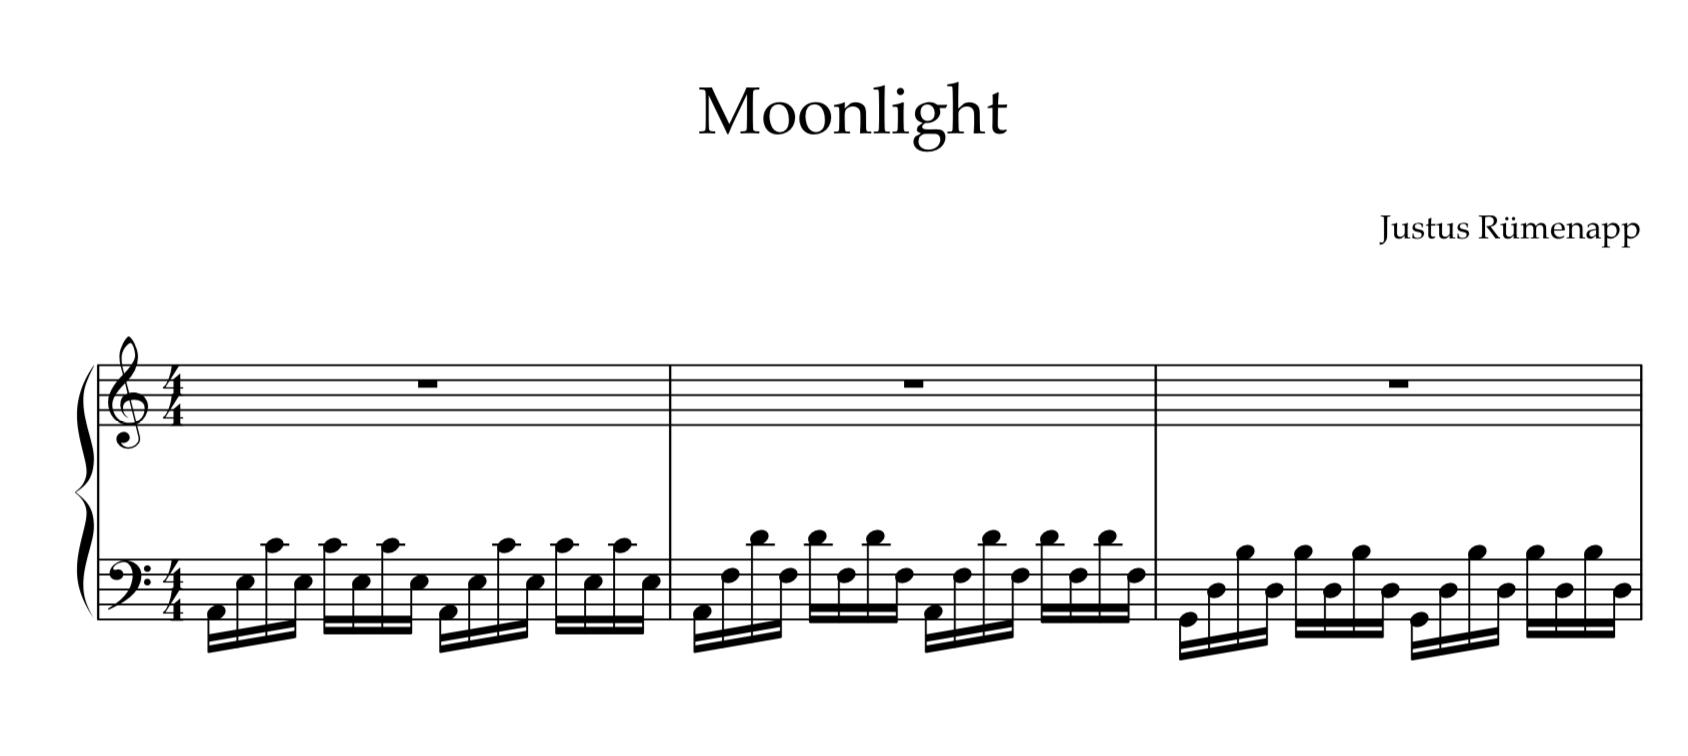 Moonlight - Justus Rümenapp Score